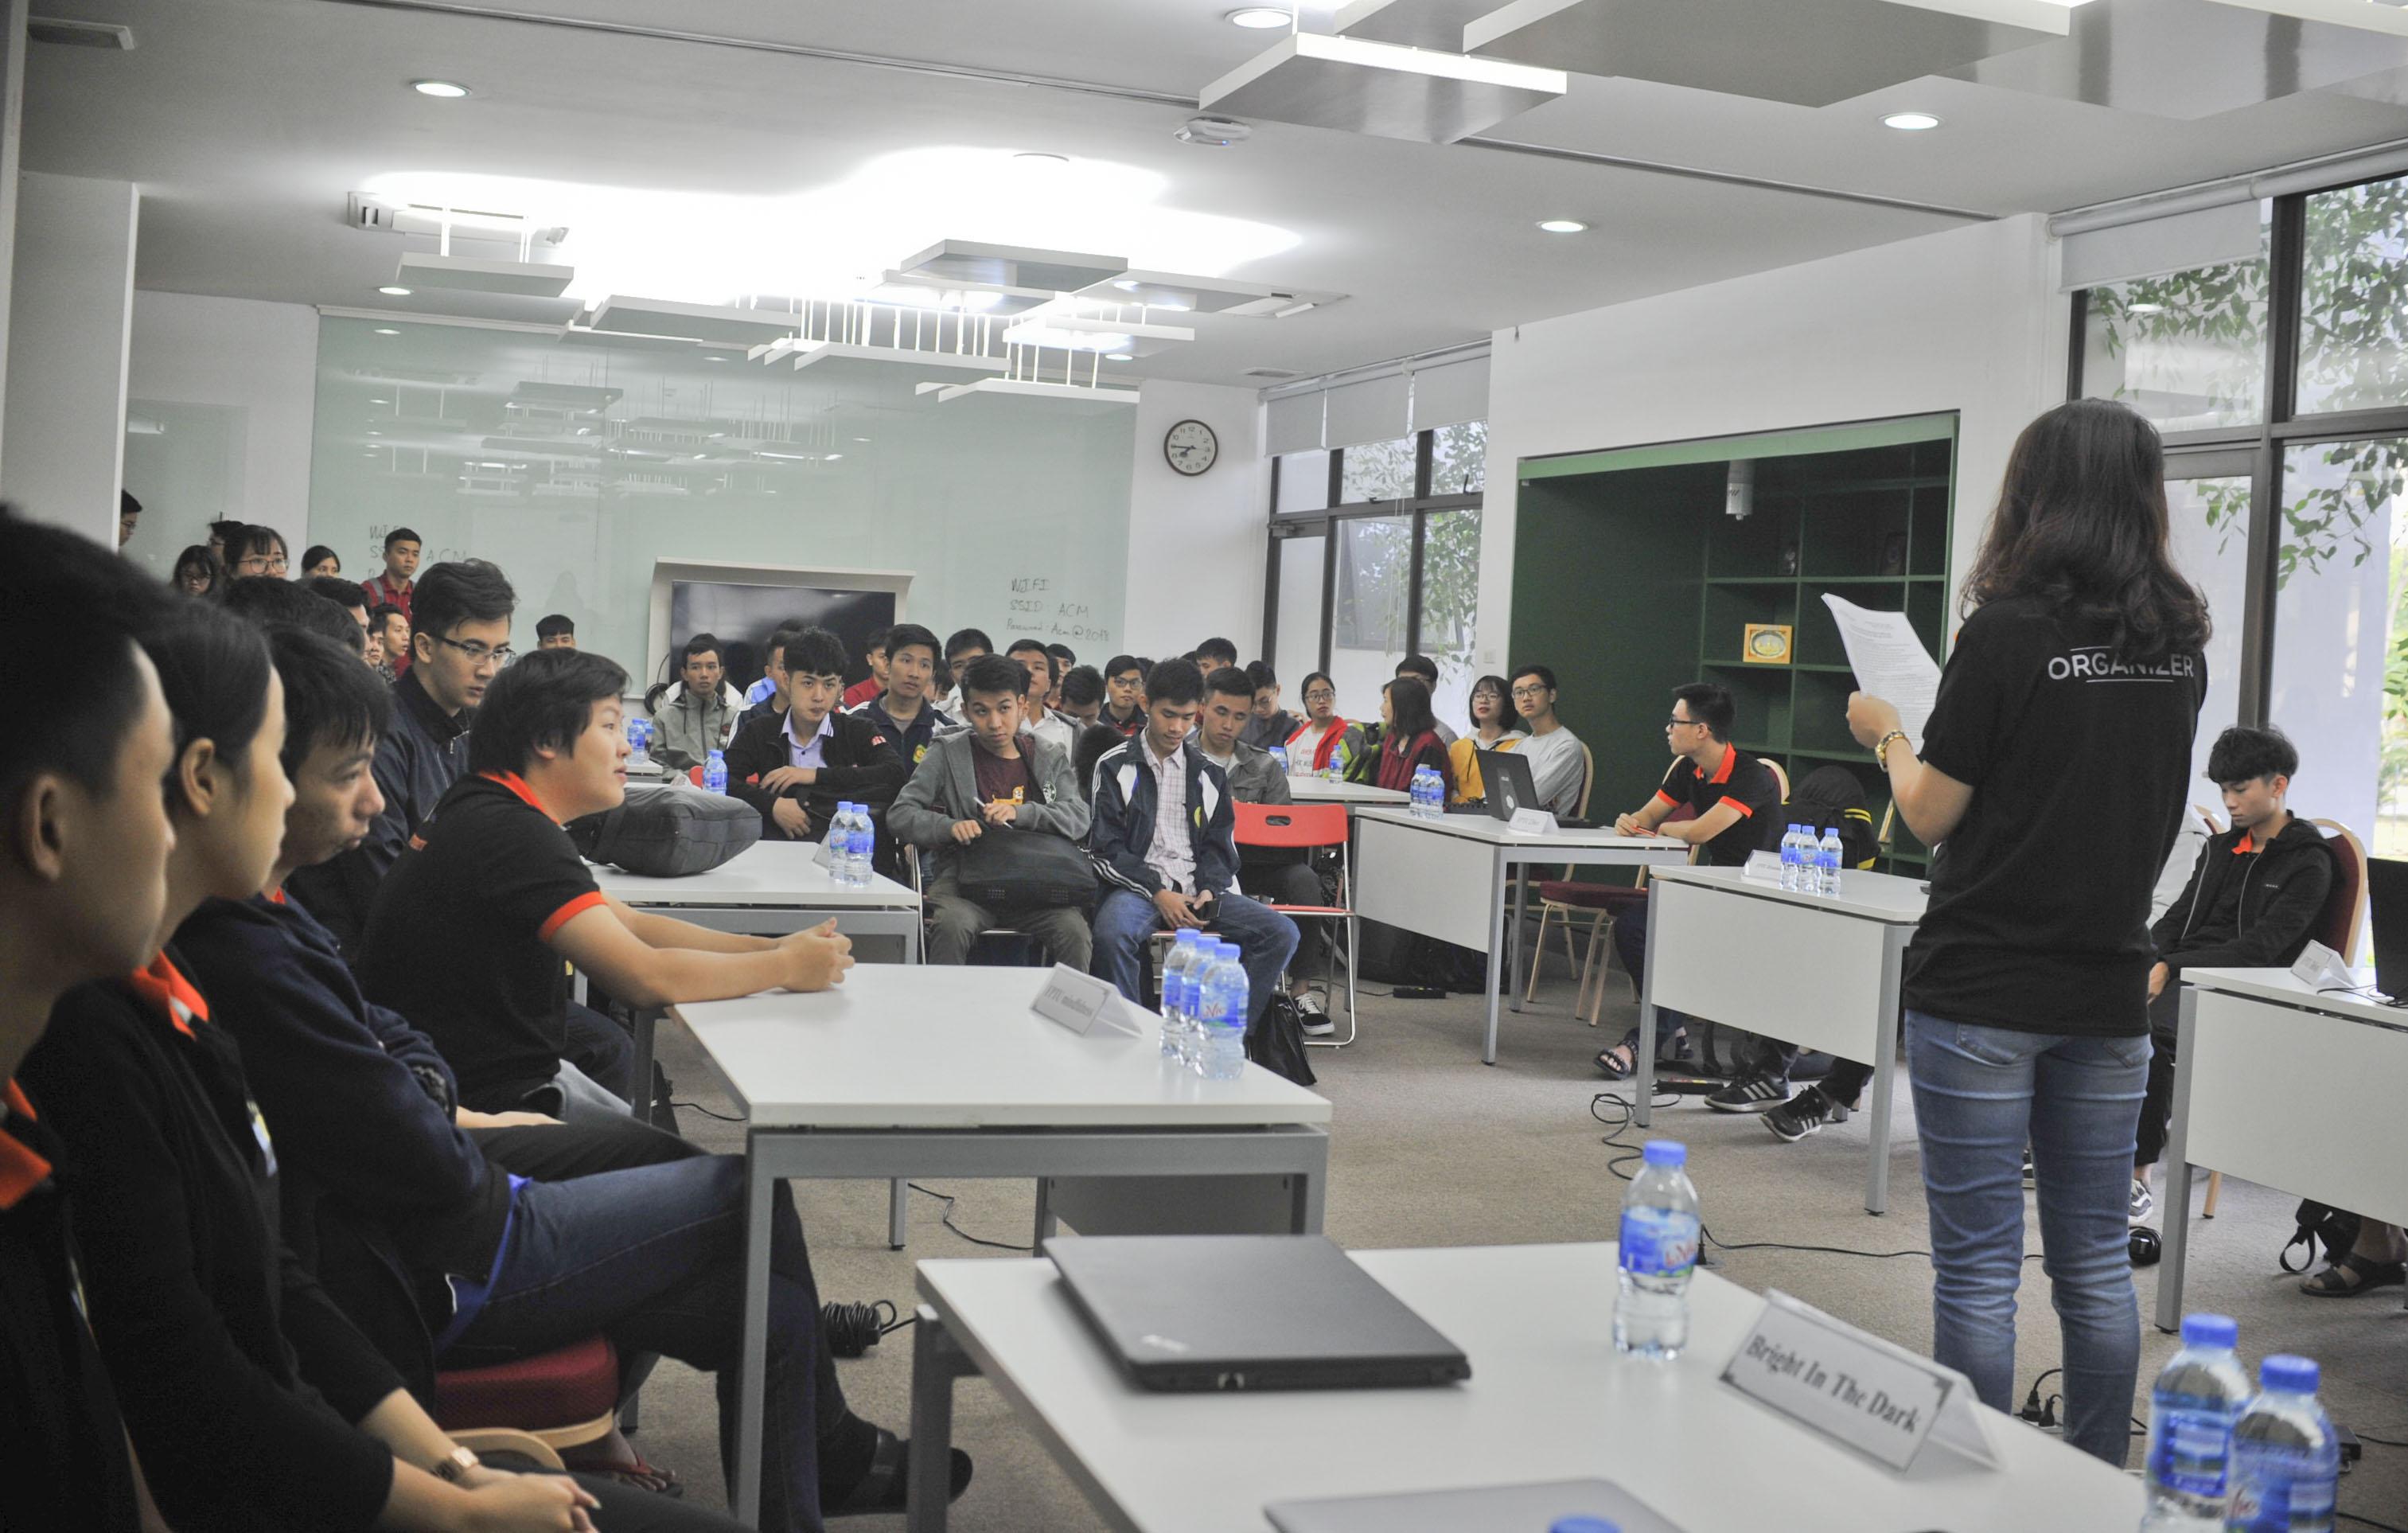 7h30 sáng nay (ngày 4/11), các đội thi với những sinh viên ưu tú, đam mê công nghệ, lập trình từ các trường ĐH hàng đầu Việt Nam có mặt tại trường ĐH FPT để tham gia kỳ thi ACM online.